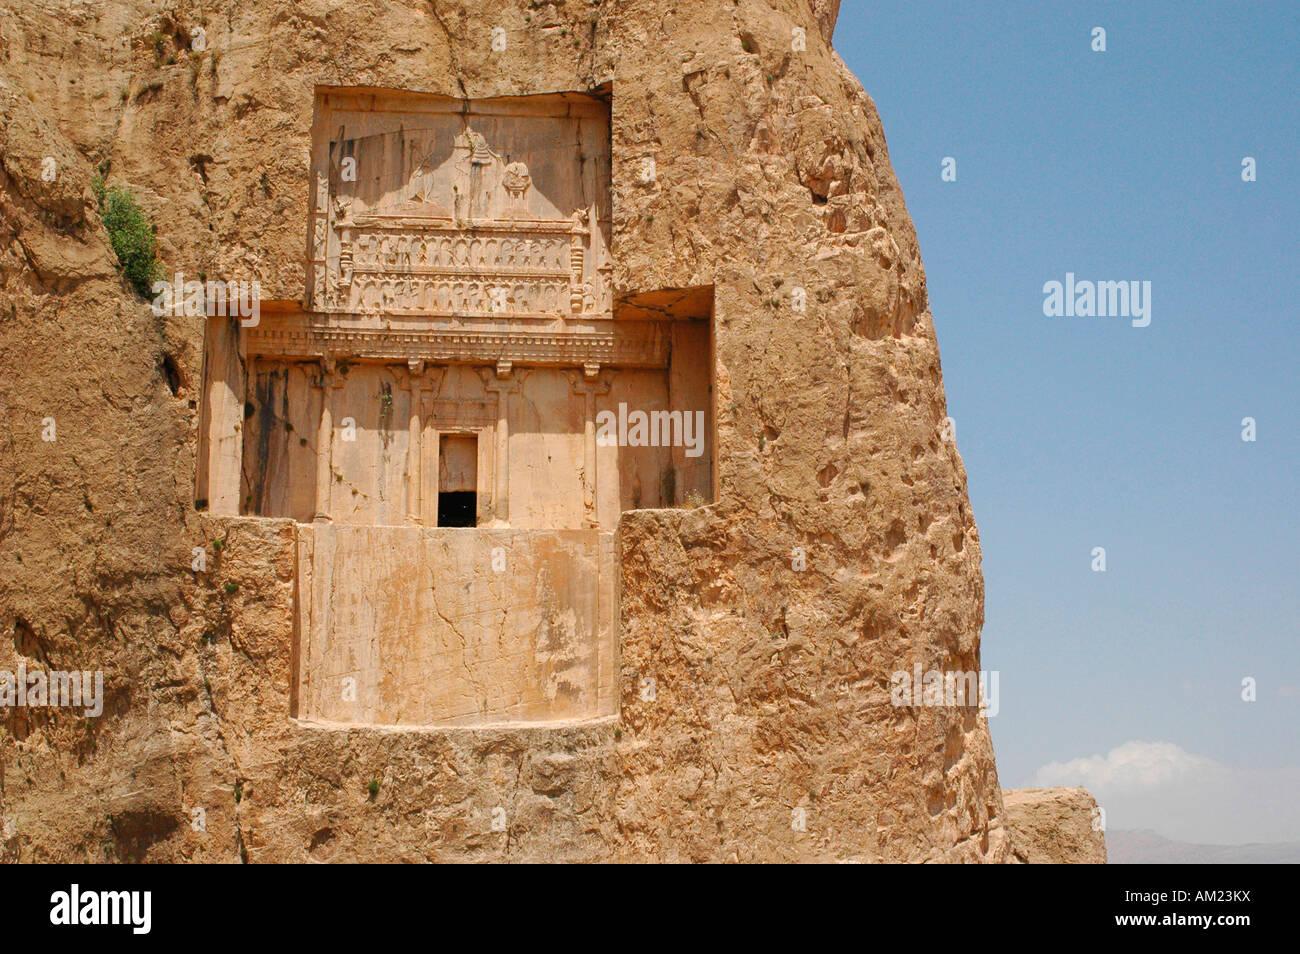 Darius II de Perse tombe de Naqsh e Rustam IRAN Banque D'Images